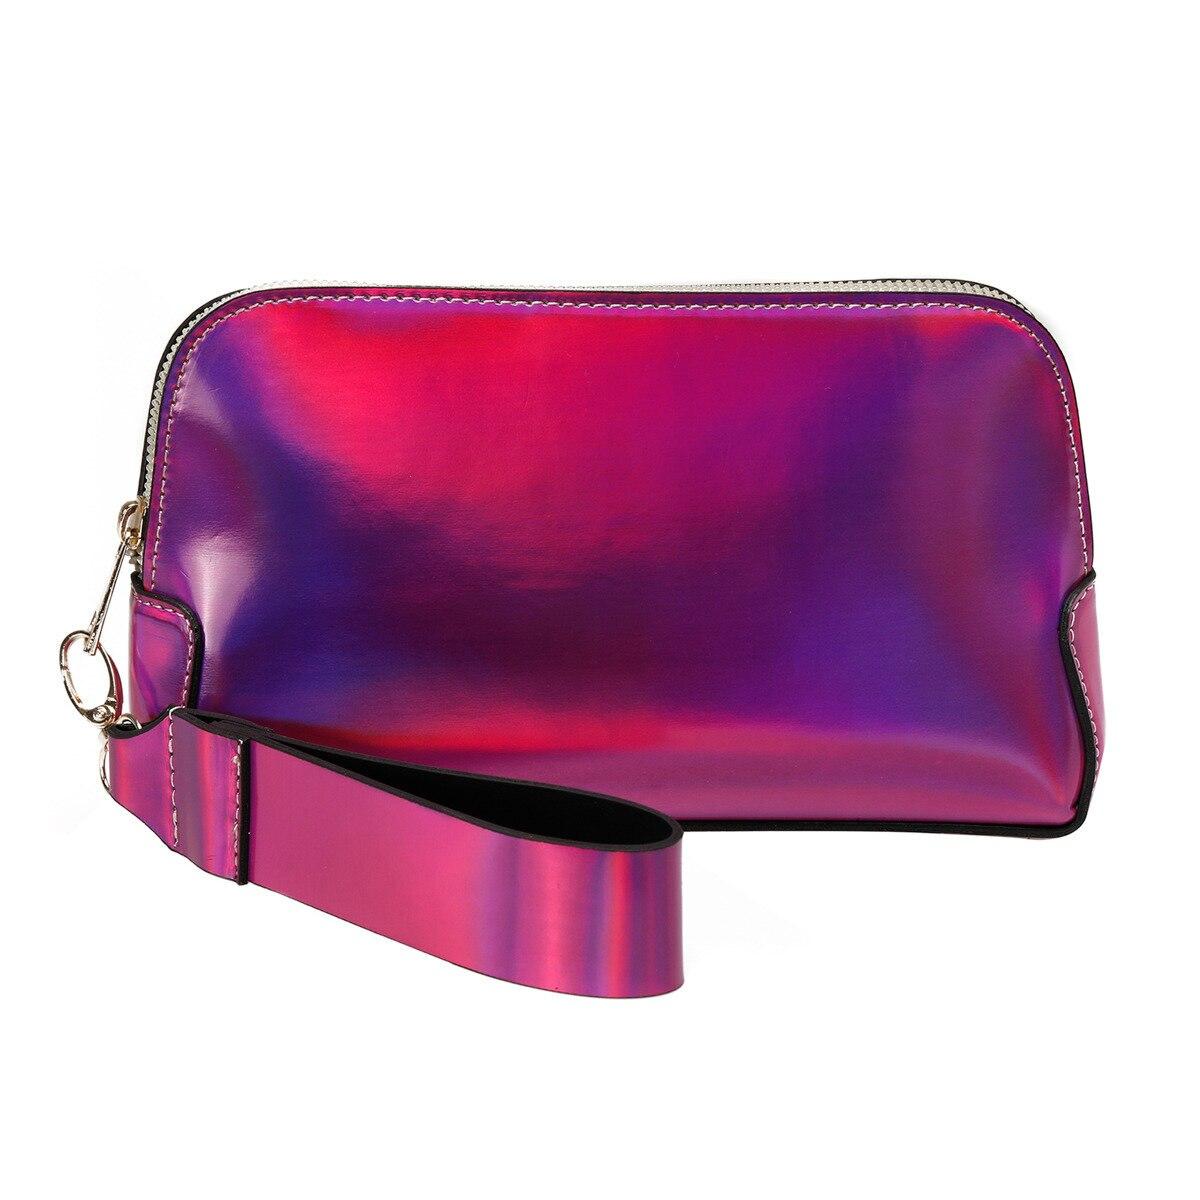 FLO SWDRN2023 Fuchsia Women Hand Bag BUTIGO